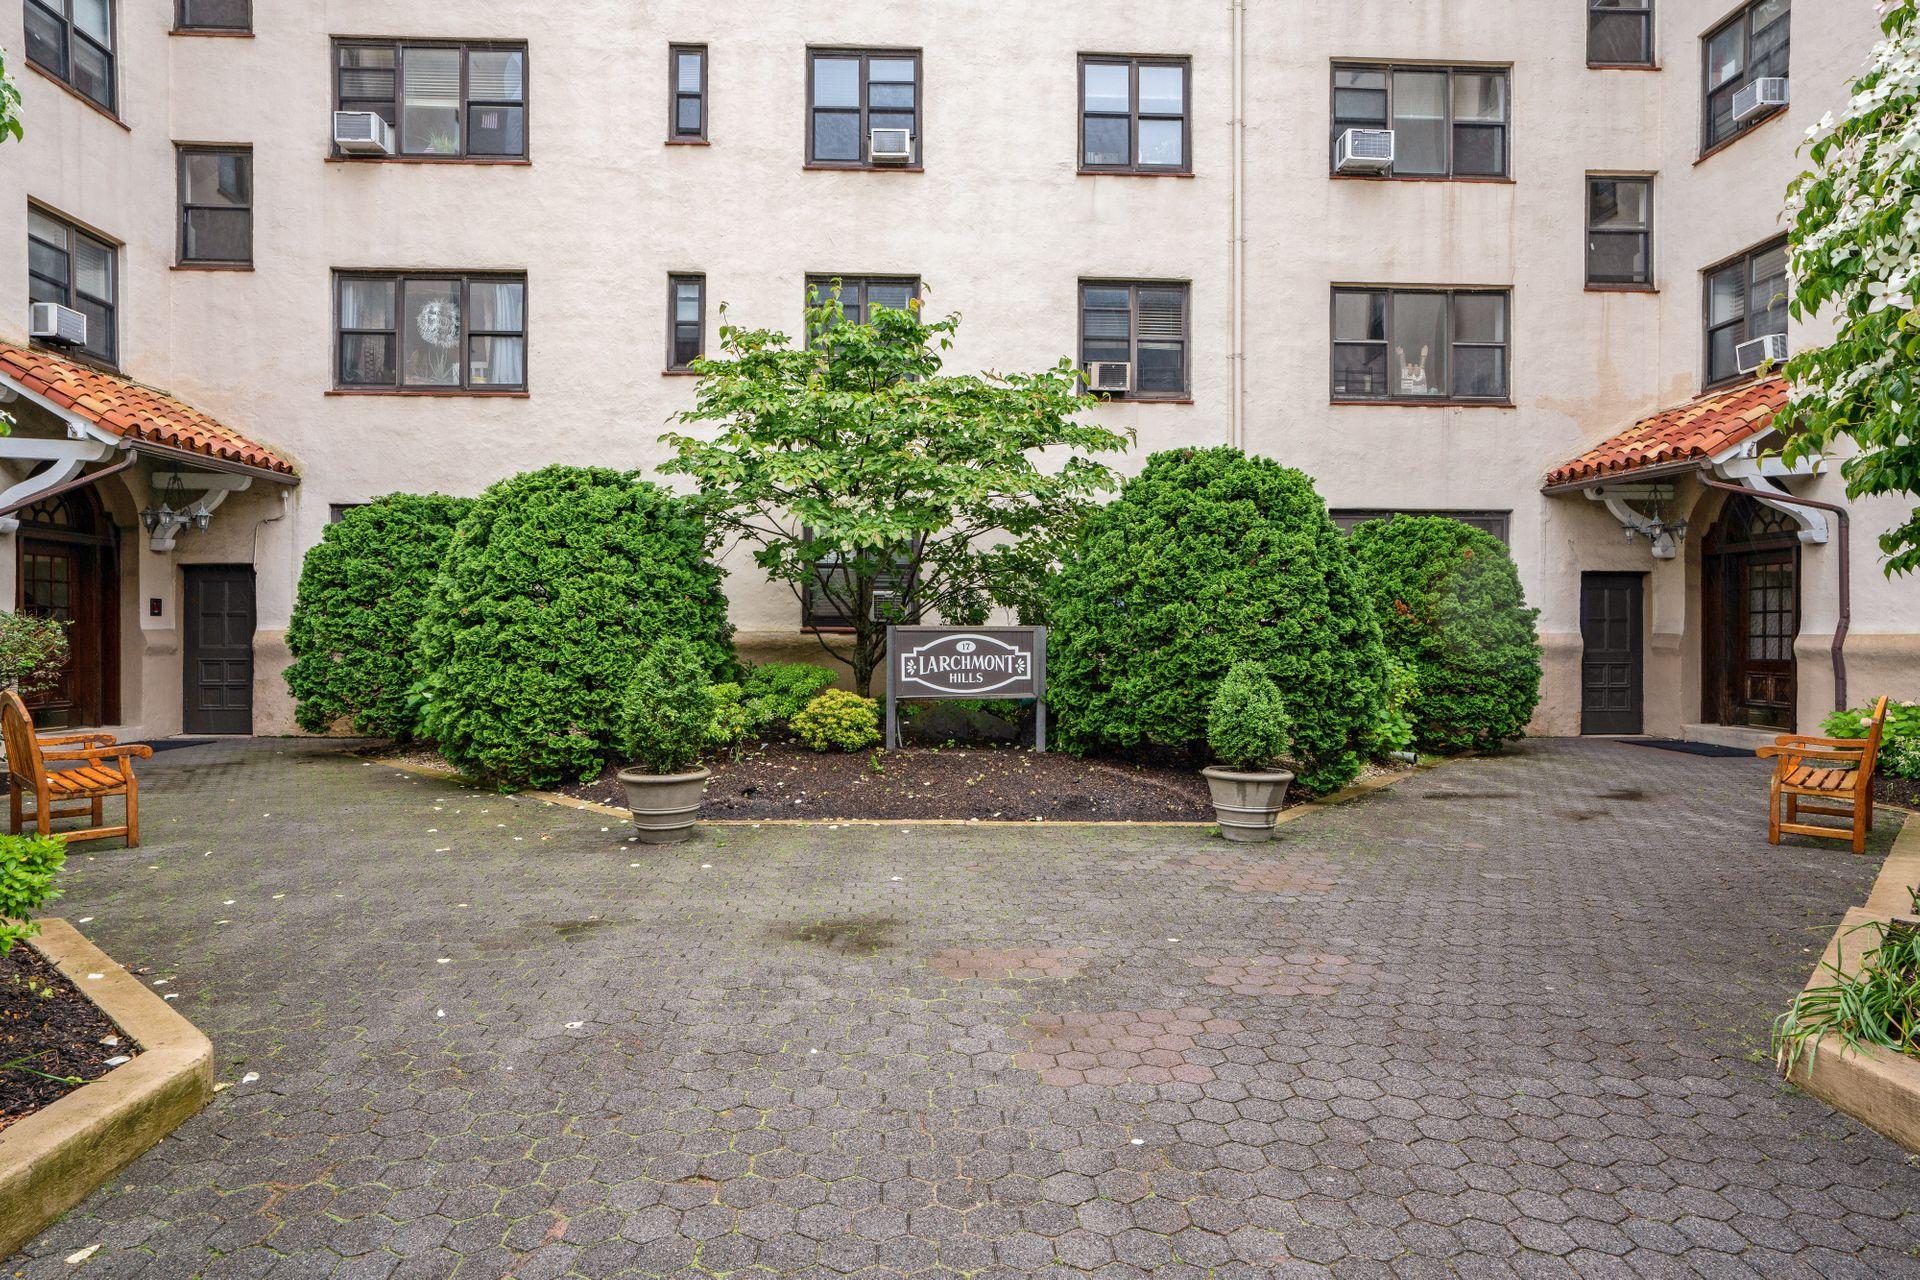 17 North Chatsworth Avenue 2k Larchmont Ny 10538 Real